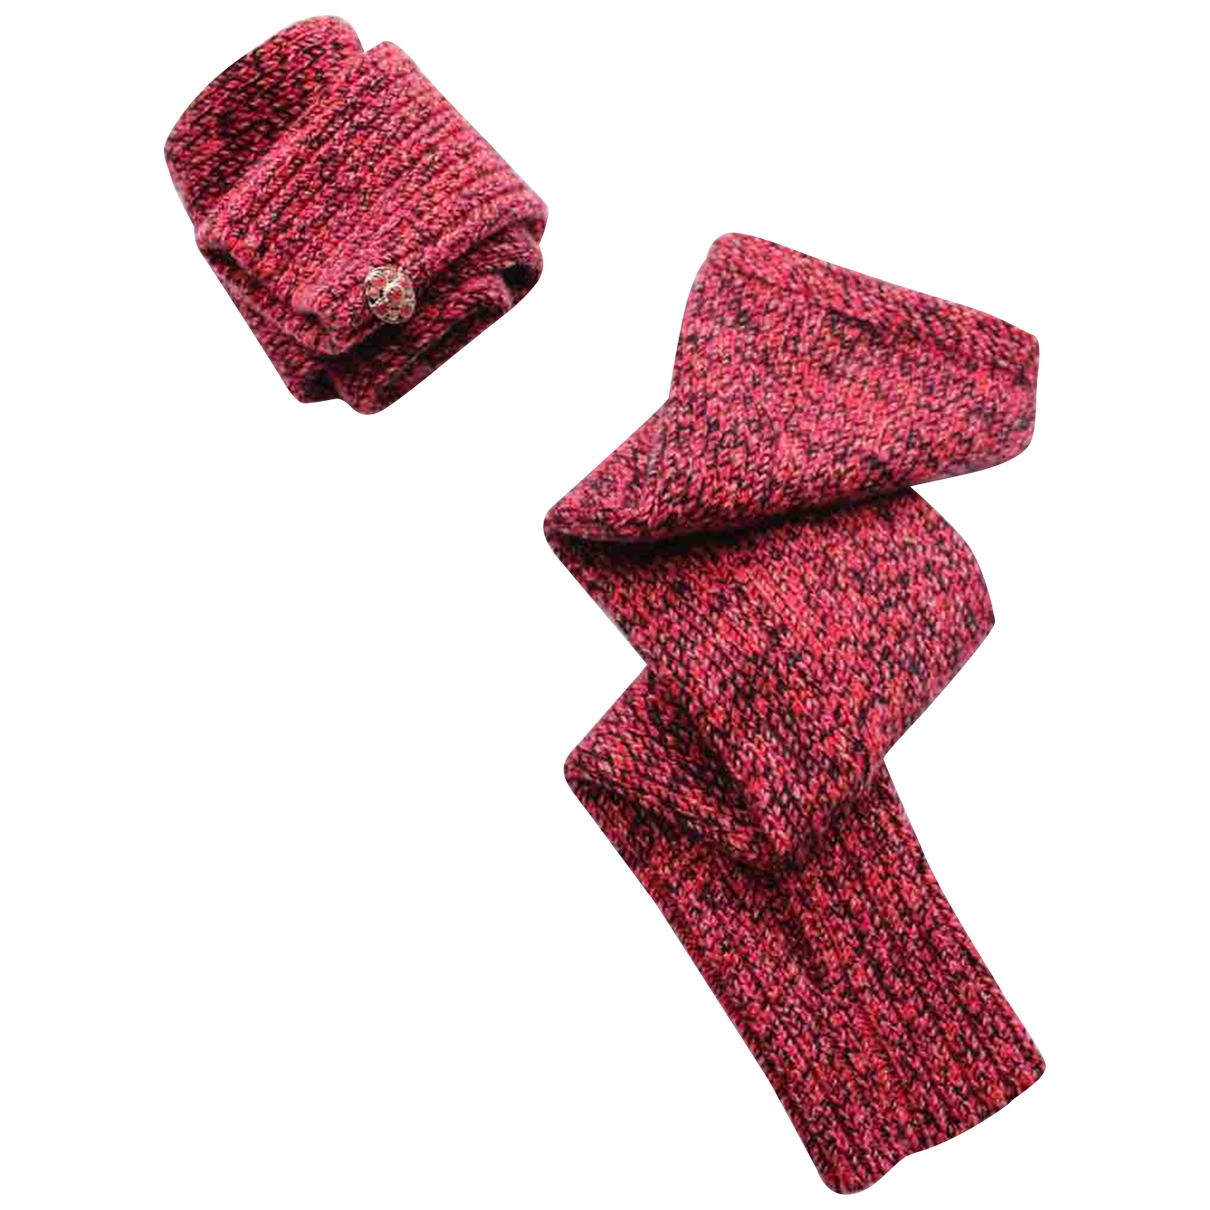 Chanel \N Handschuhe in  Rosa Kaschmir